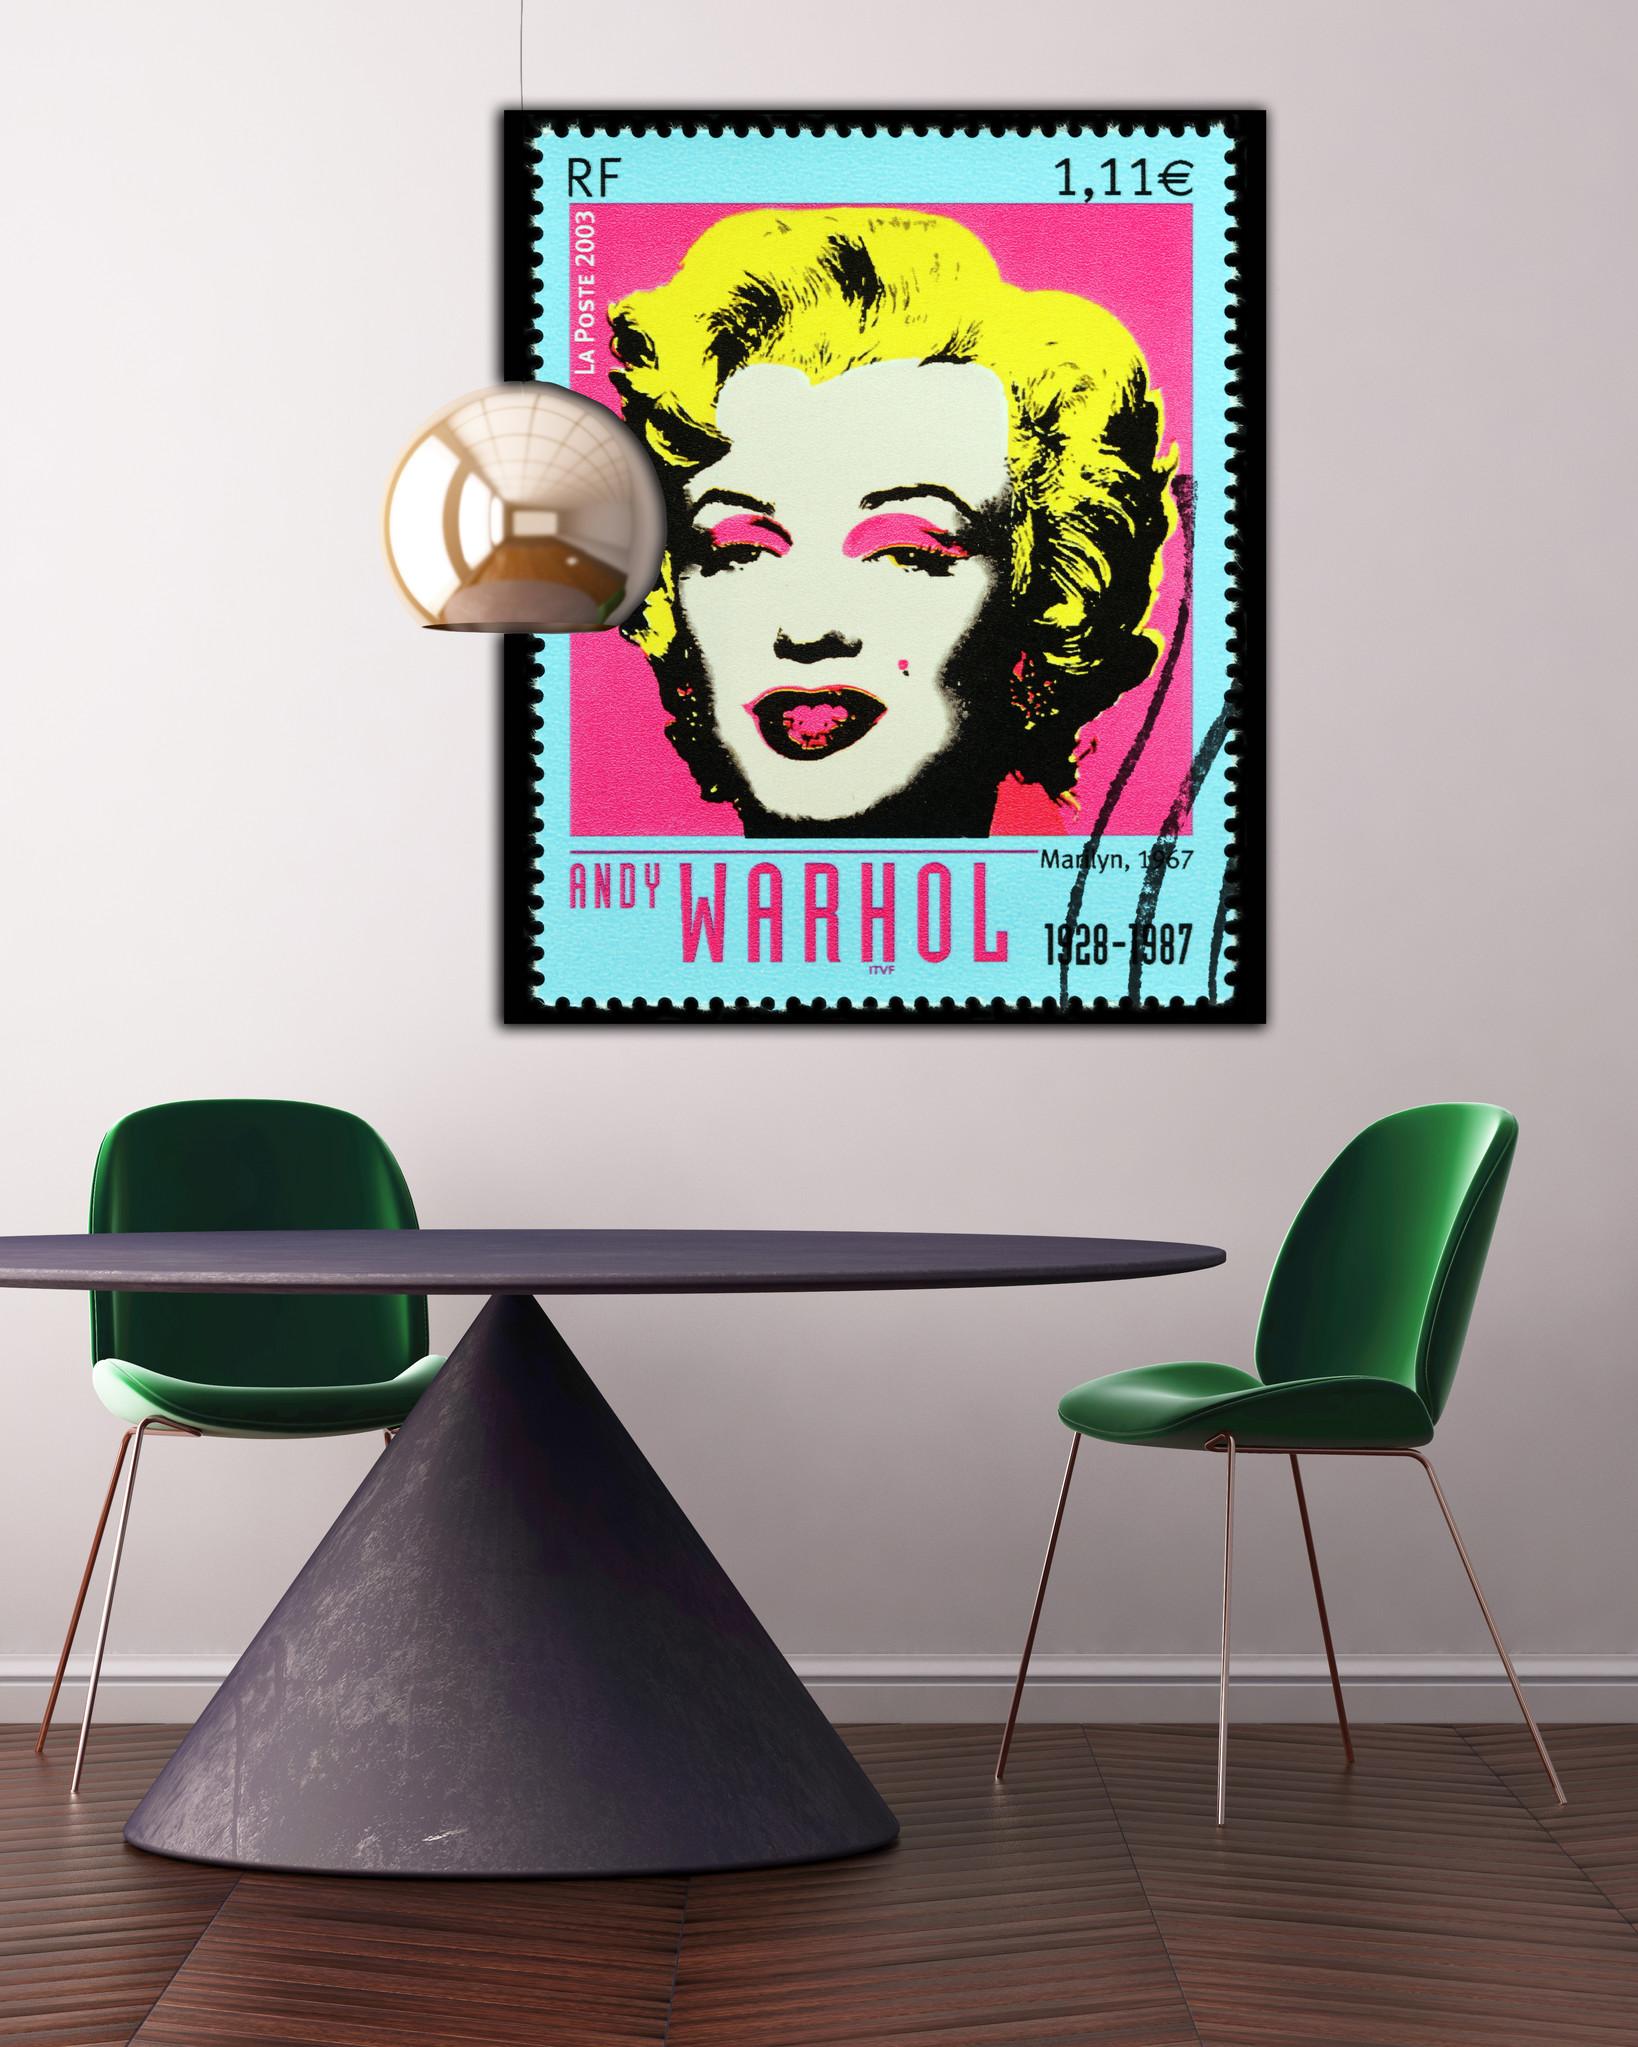 Marilyn Stamp - Andy Warhol op Textieldoek